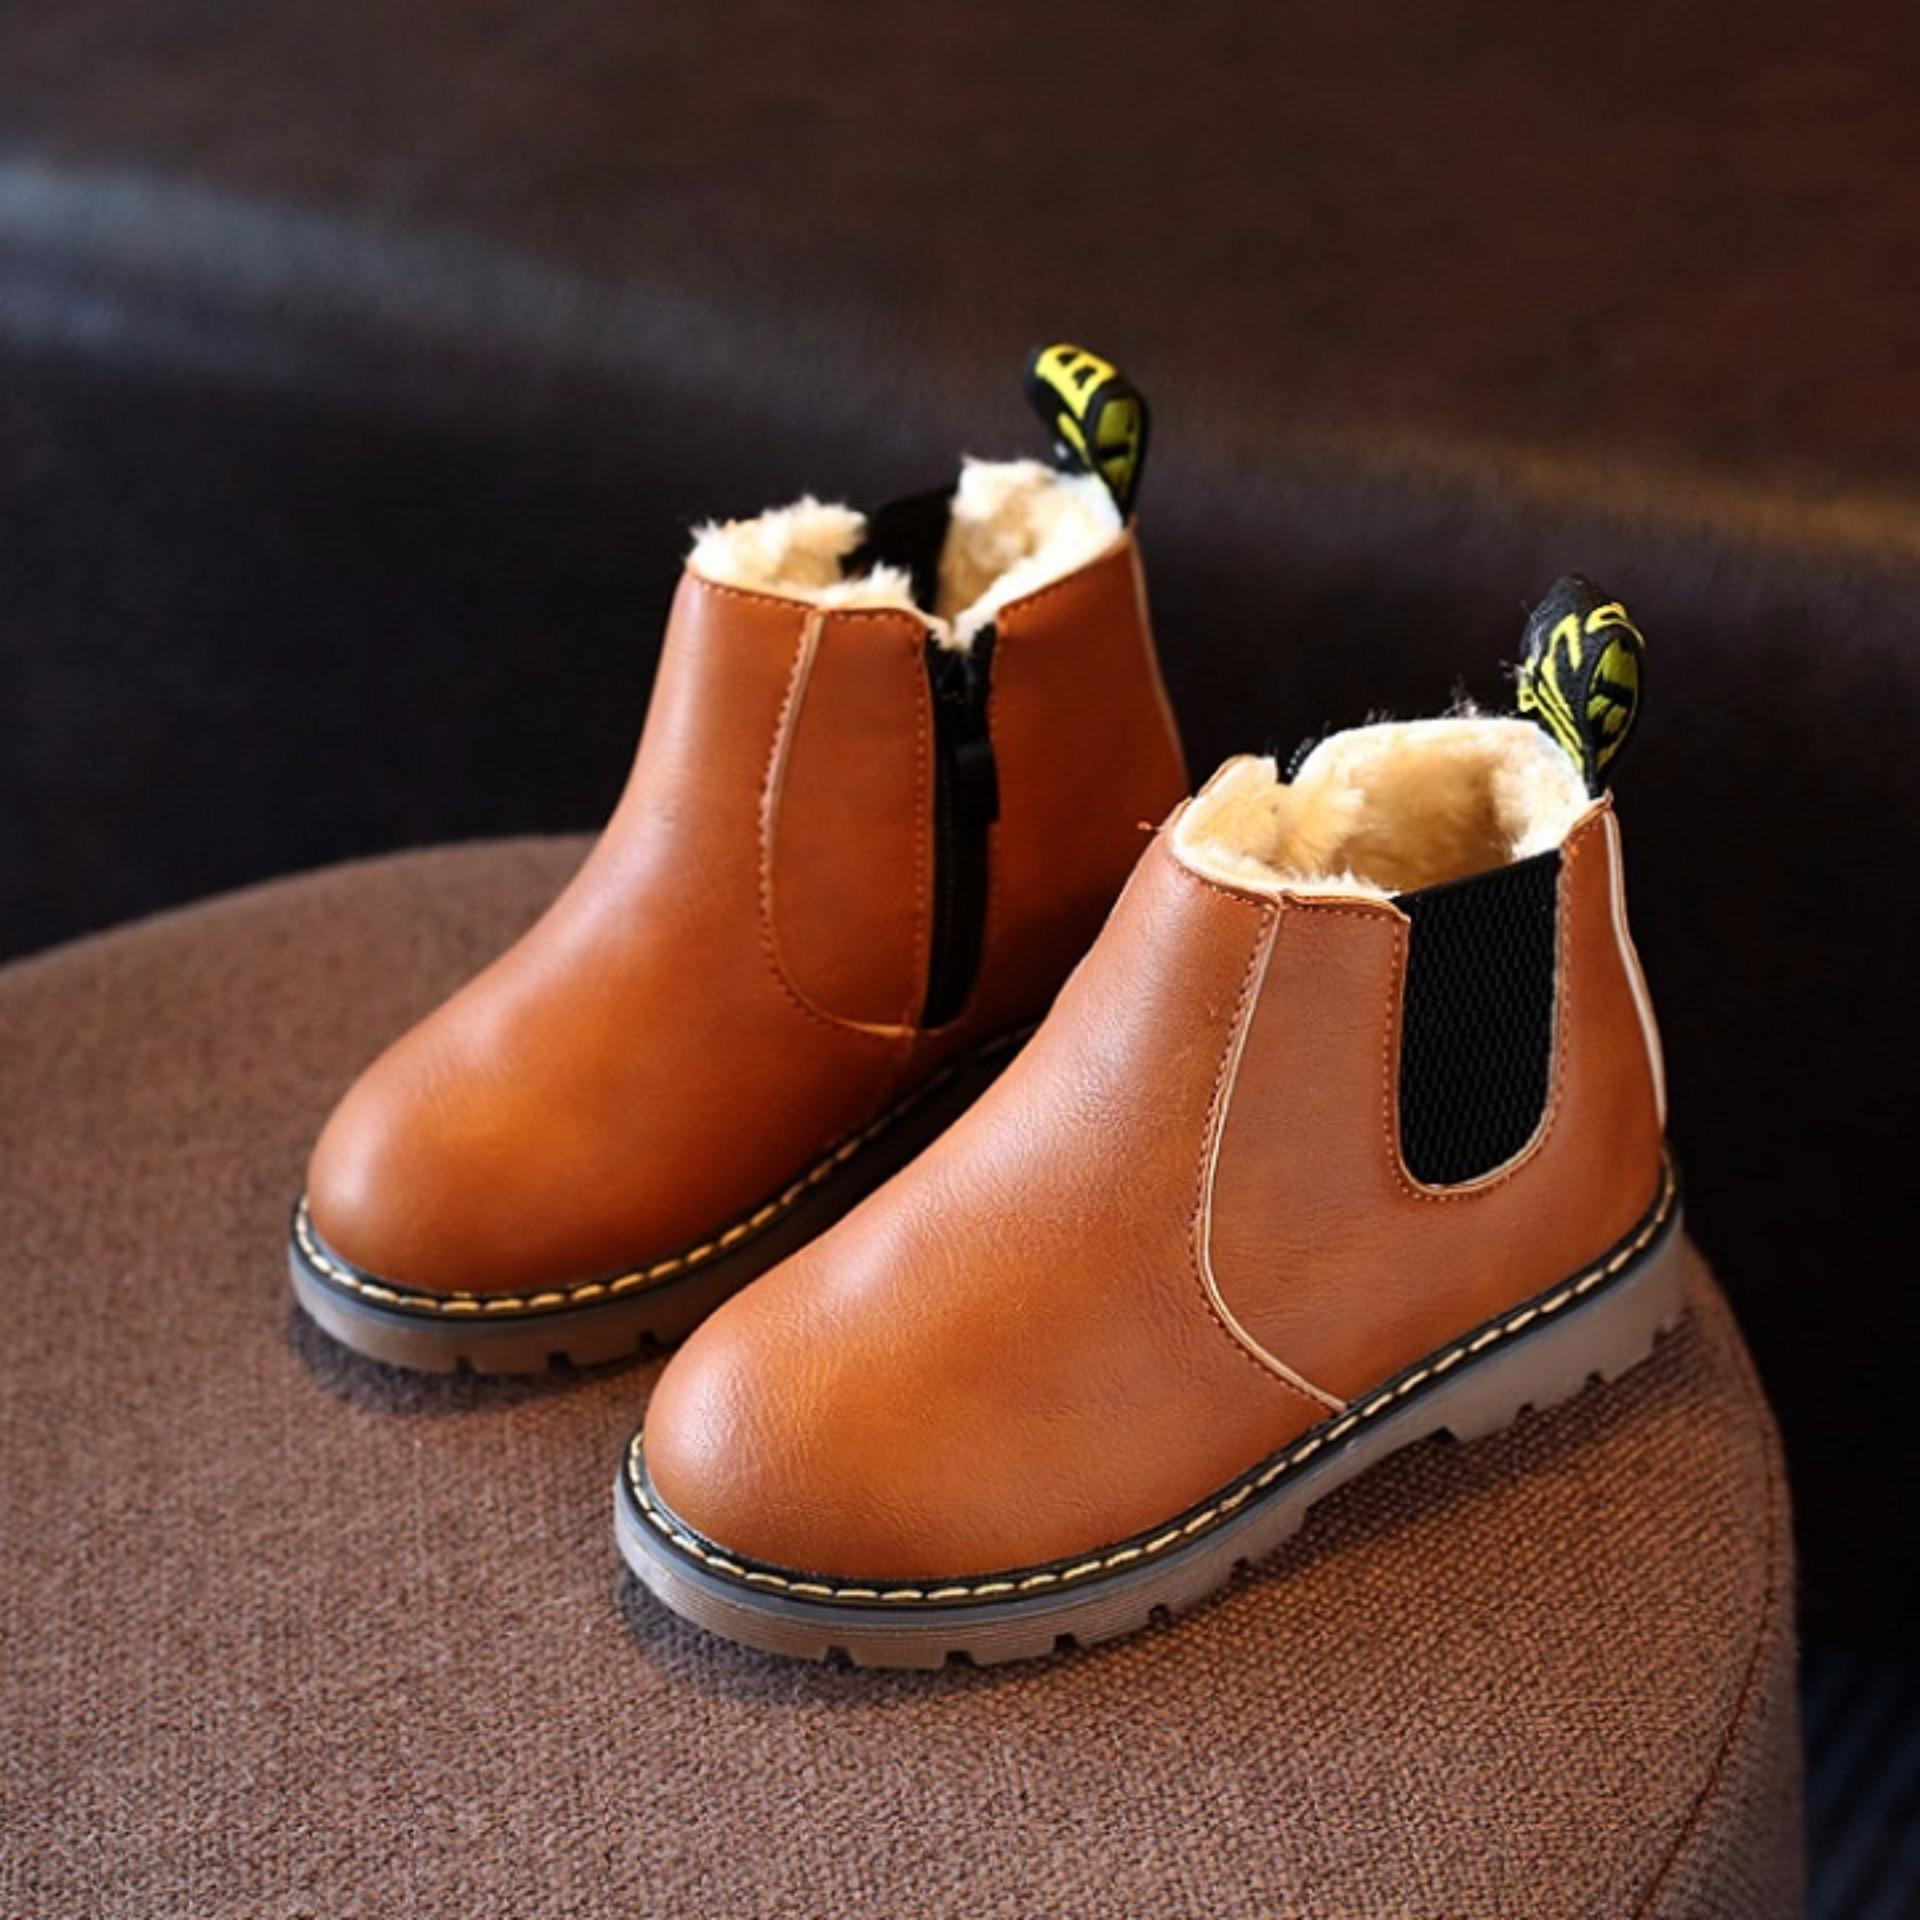 Giày boot cổ thun trẻ em